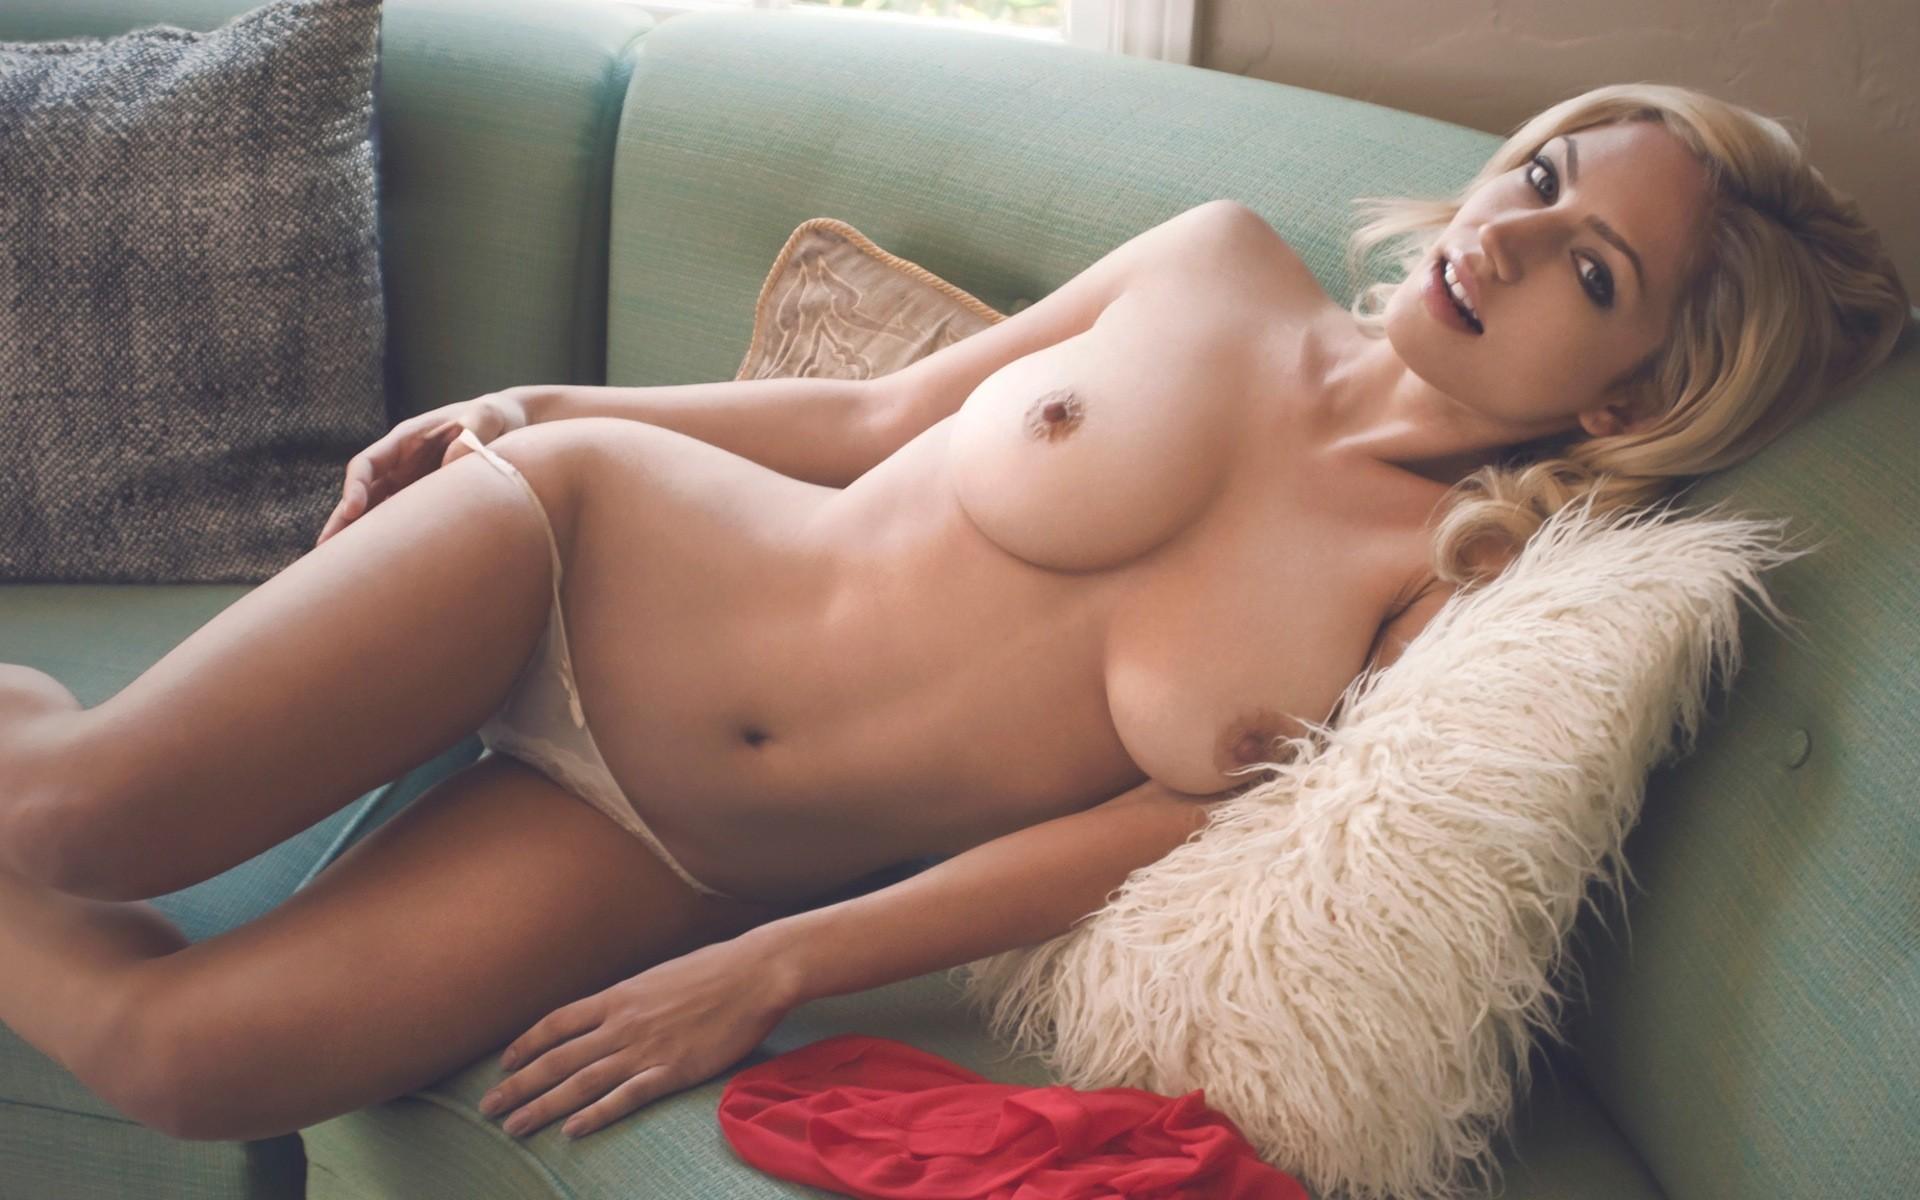 Эротика фото голых девушек и сисек 16 фотография